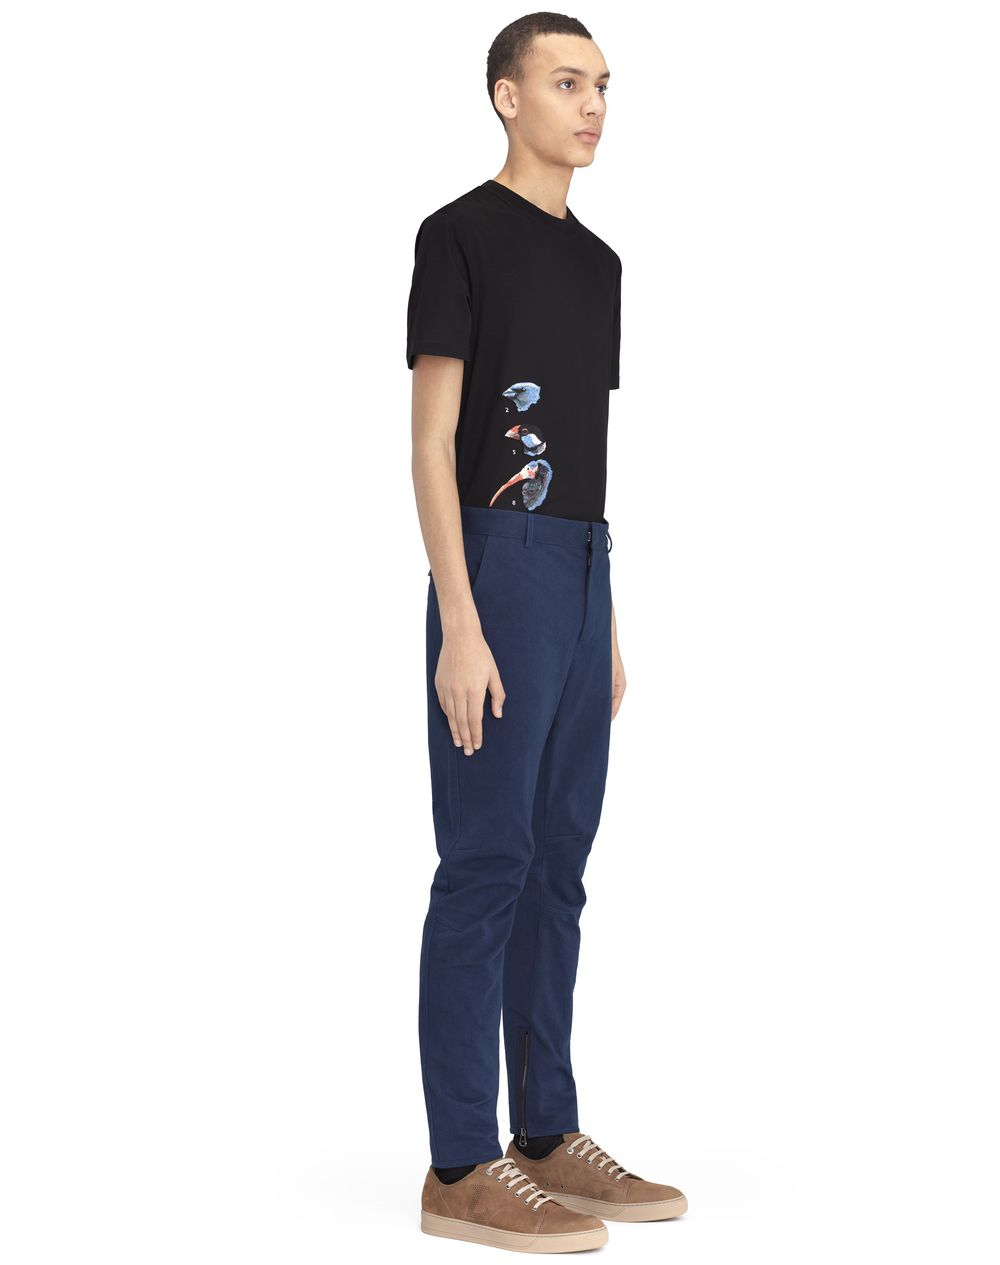 BLUE BIKER PANTS - Lanvin